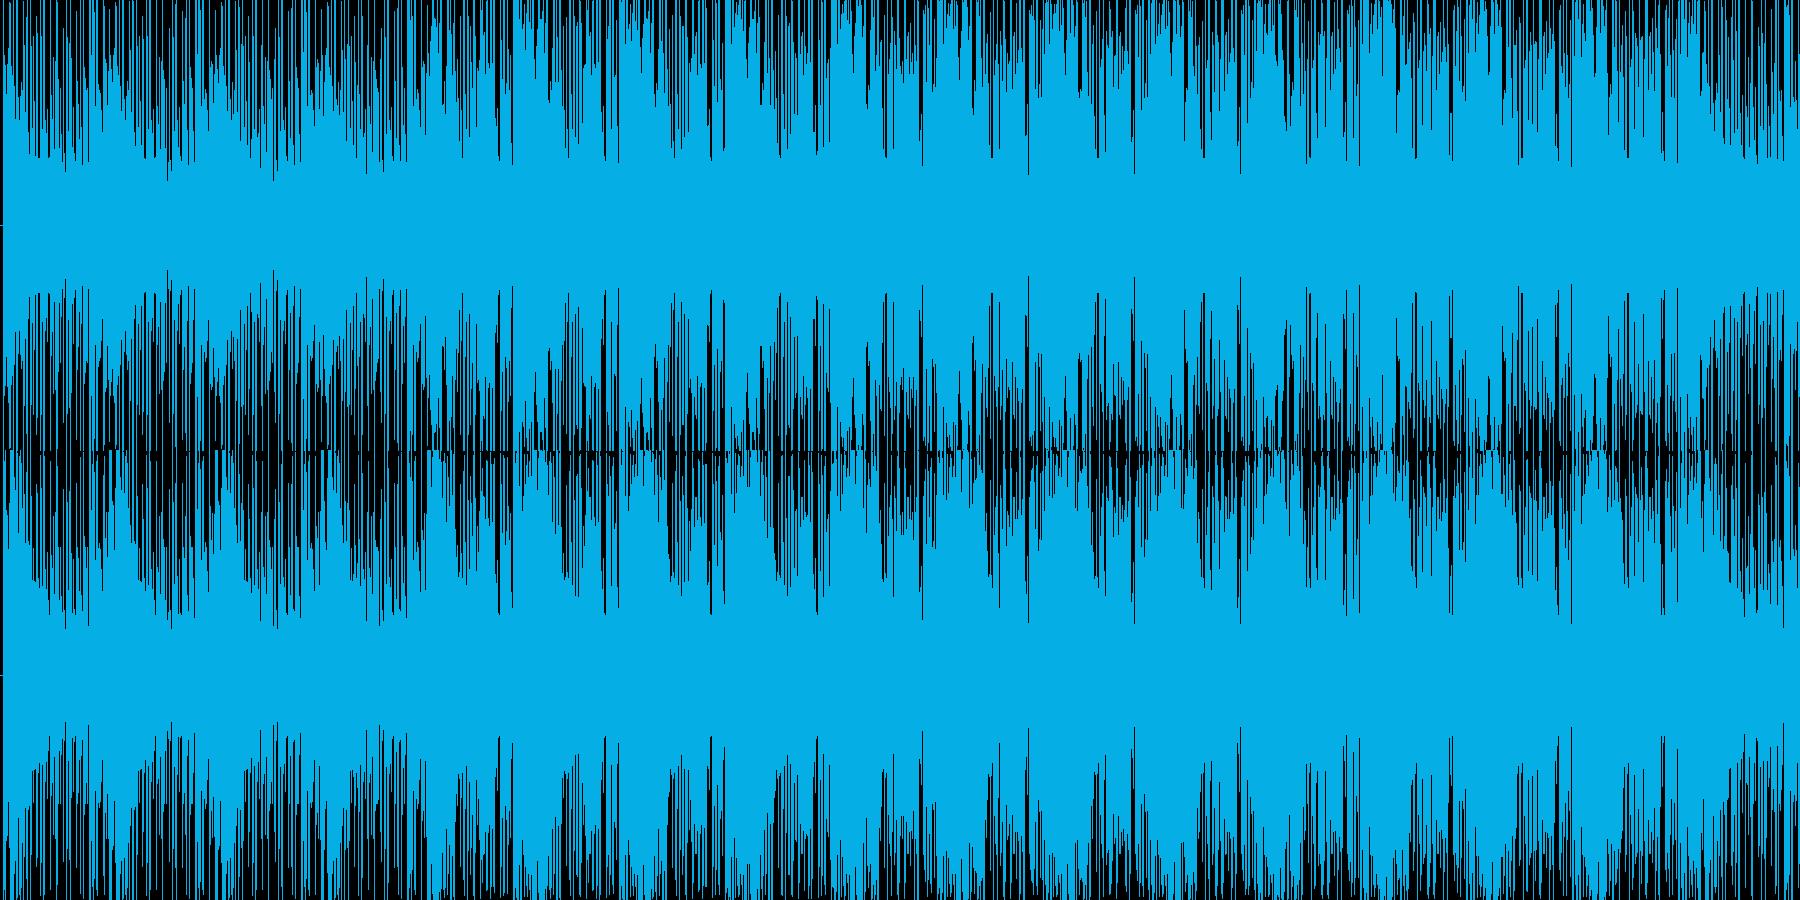 ジャジーで大人の雰囲気BGMの再生済みの波形